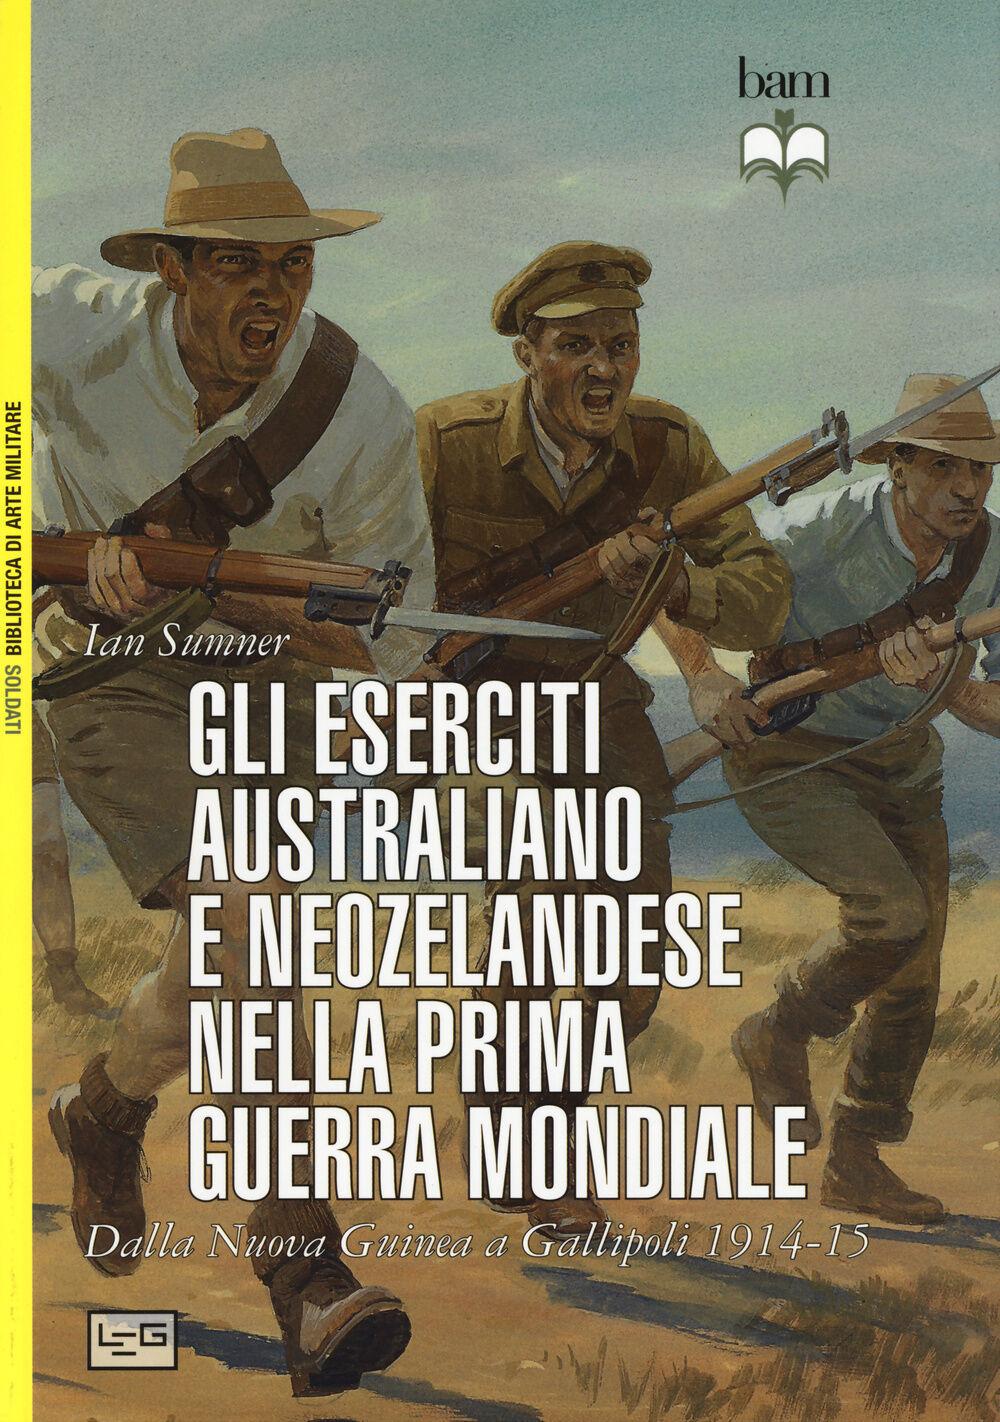 Gli eserciti australiano e neozelandese nella prima guerra mondiale. Dalla Nuova Guinea a Gallipoli 1914-15